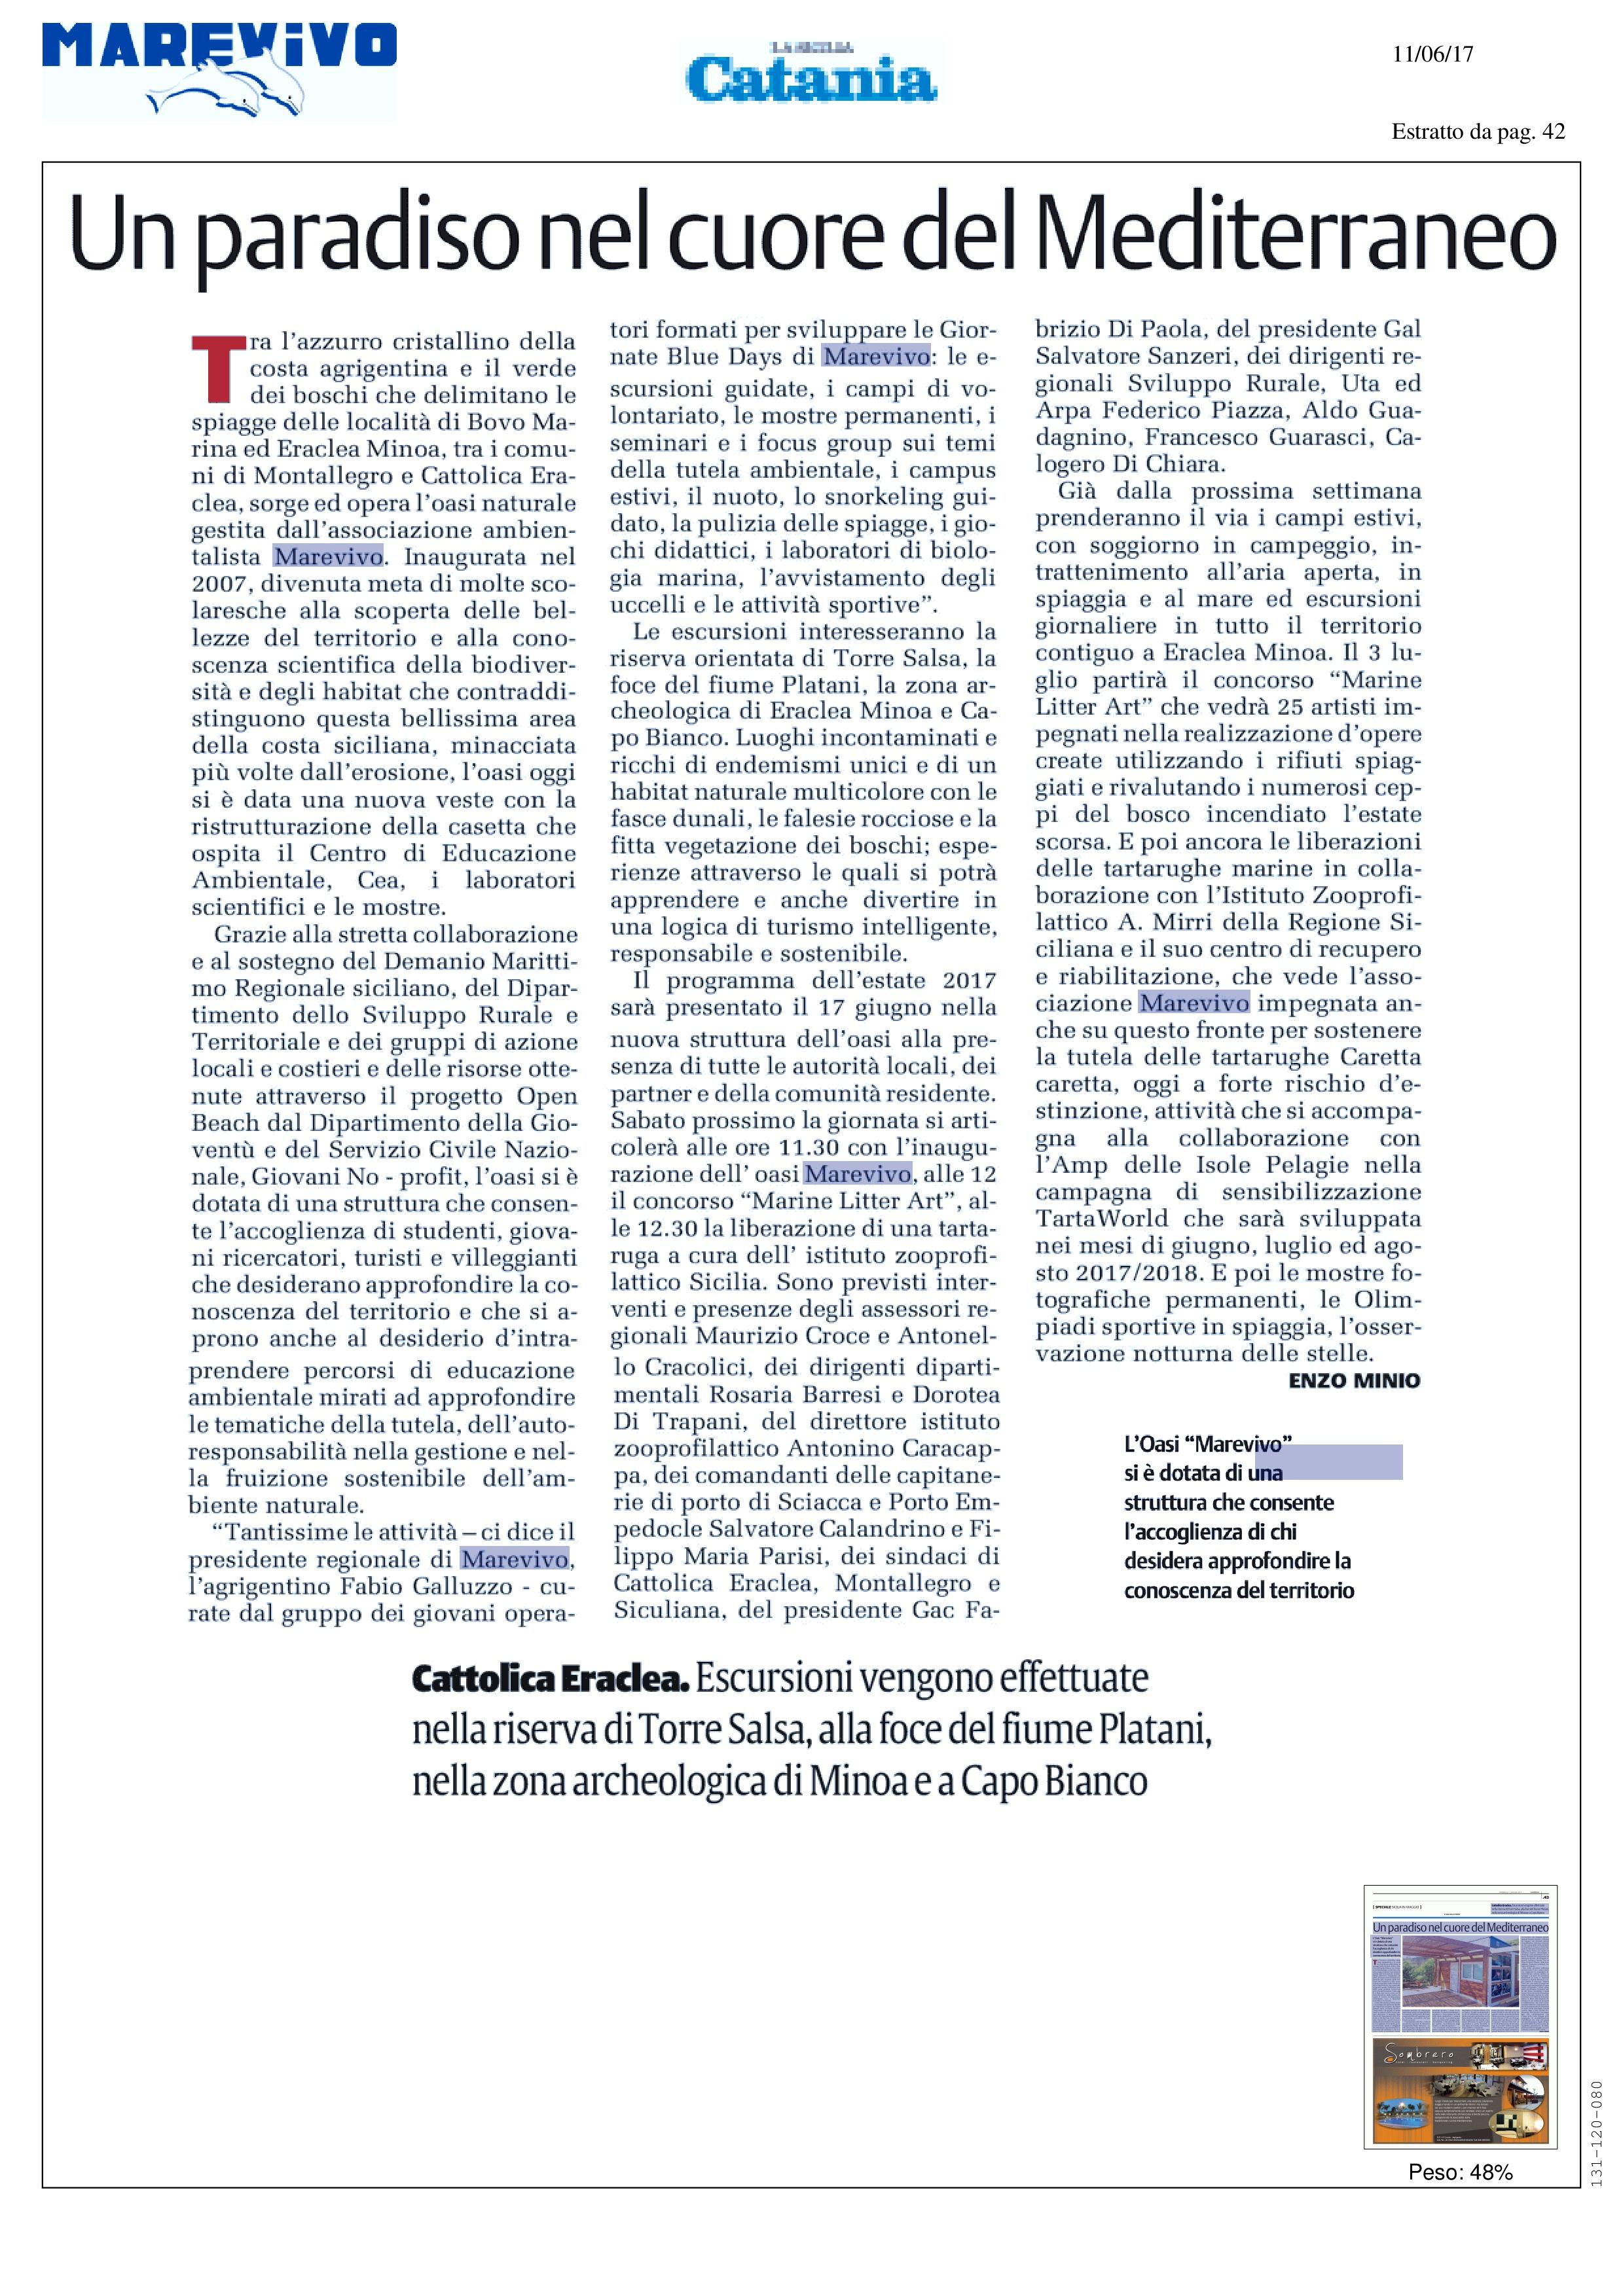 sicilia catania 11giu17-page-0